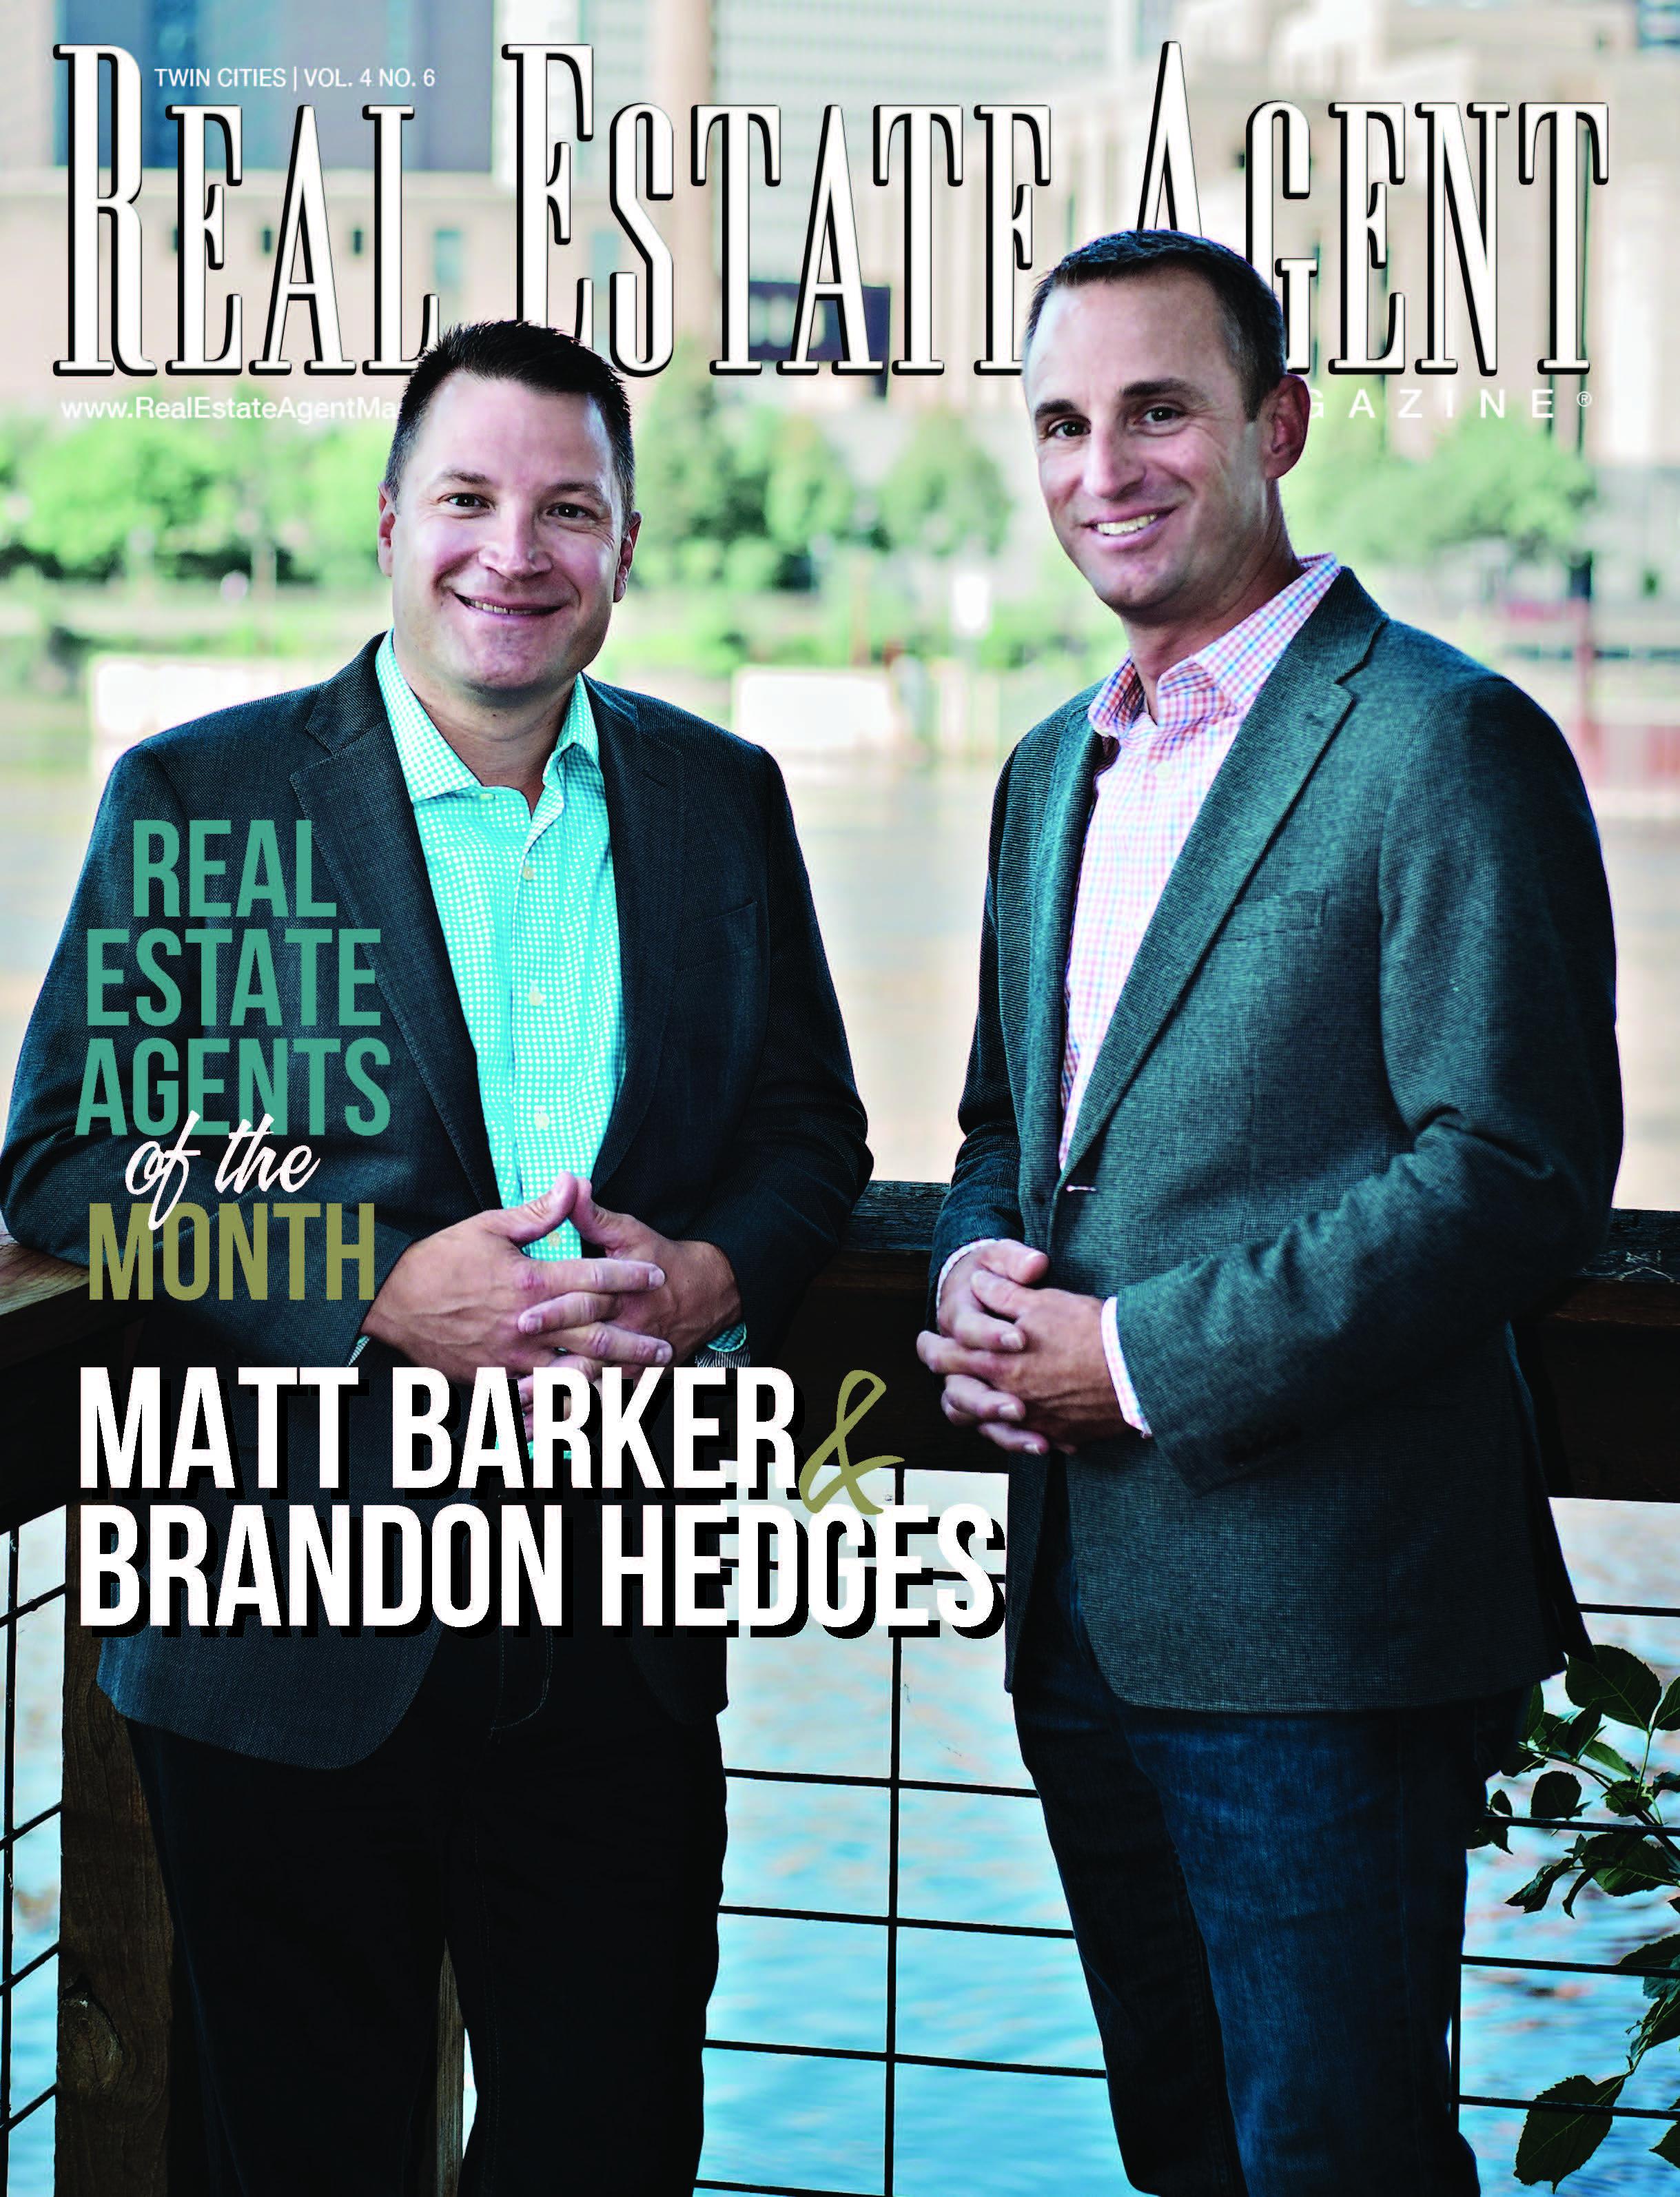 Real Estate Agent Magazine - Barker Hedges Group